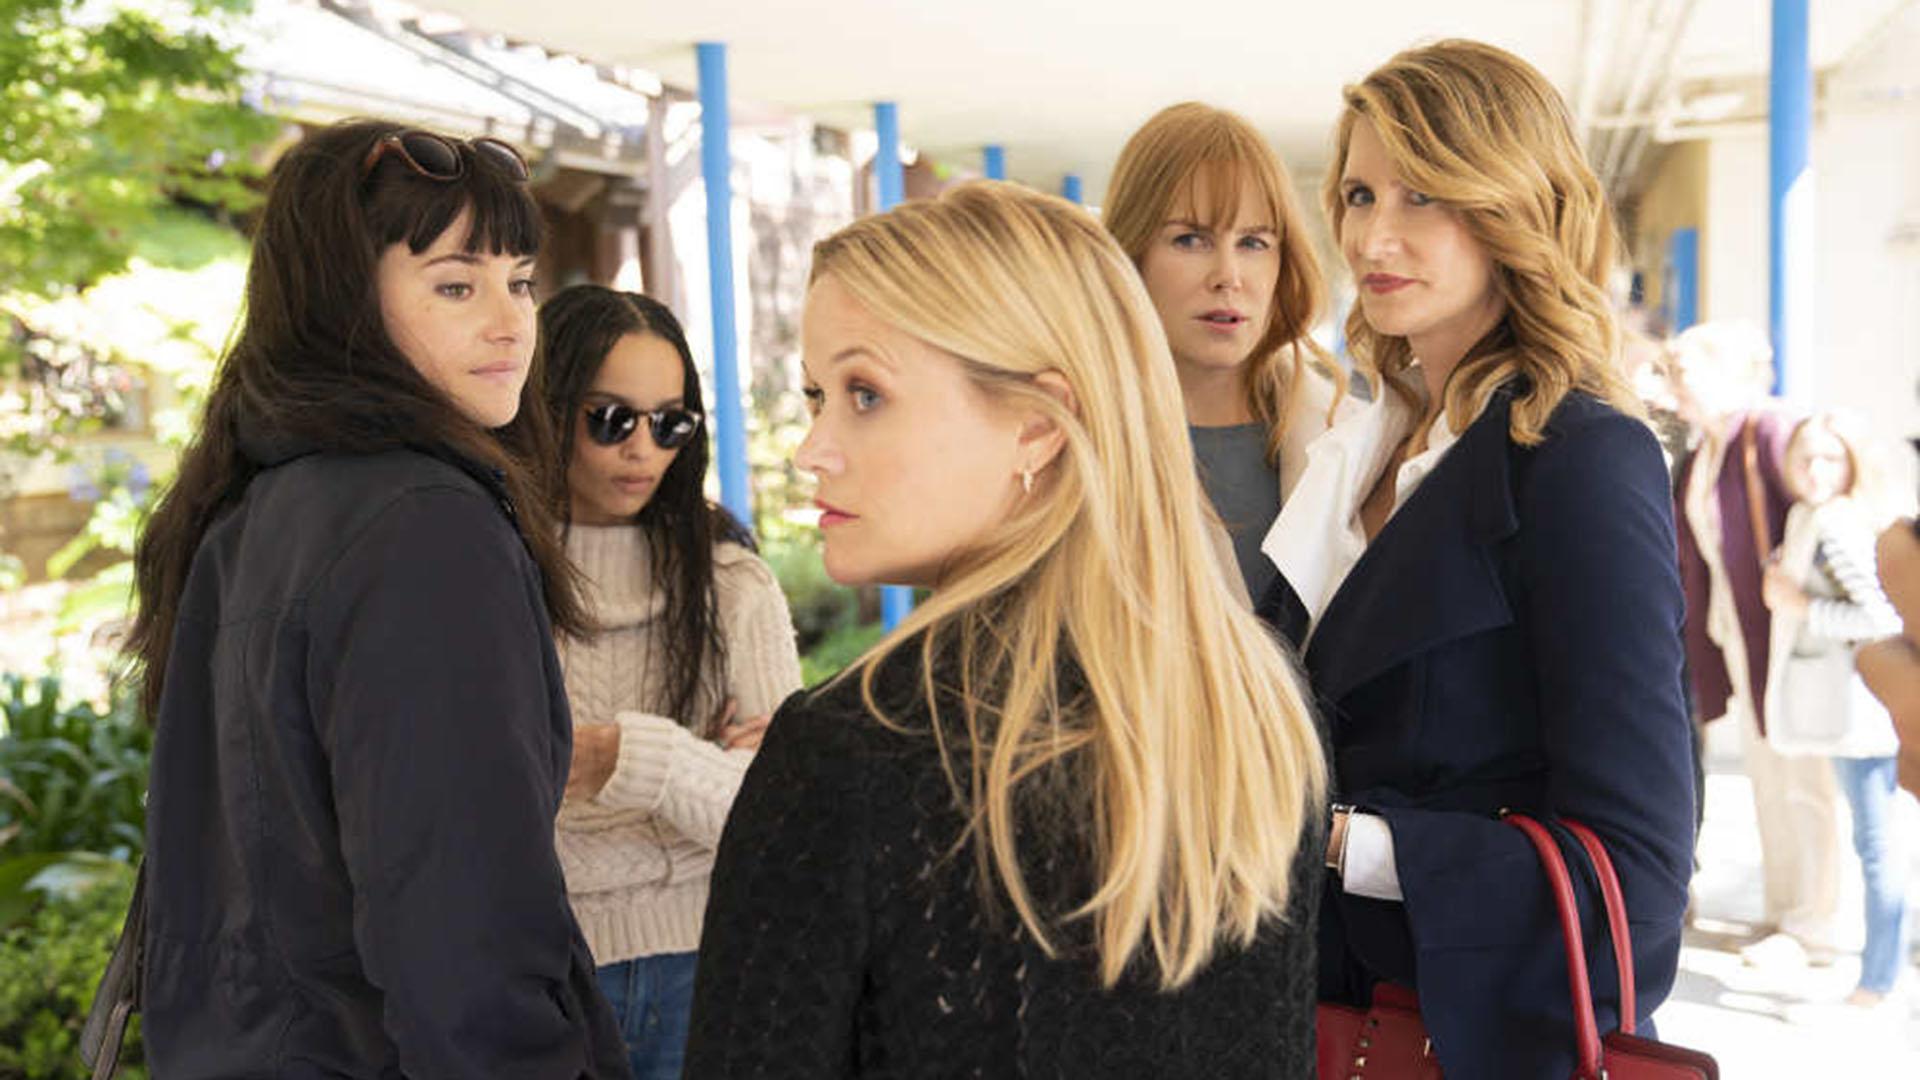 Ni Barbies, ni brujas: cómo cambió el rol de las mujeres en las series a partir del #MeToo